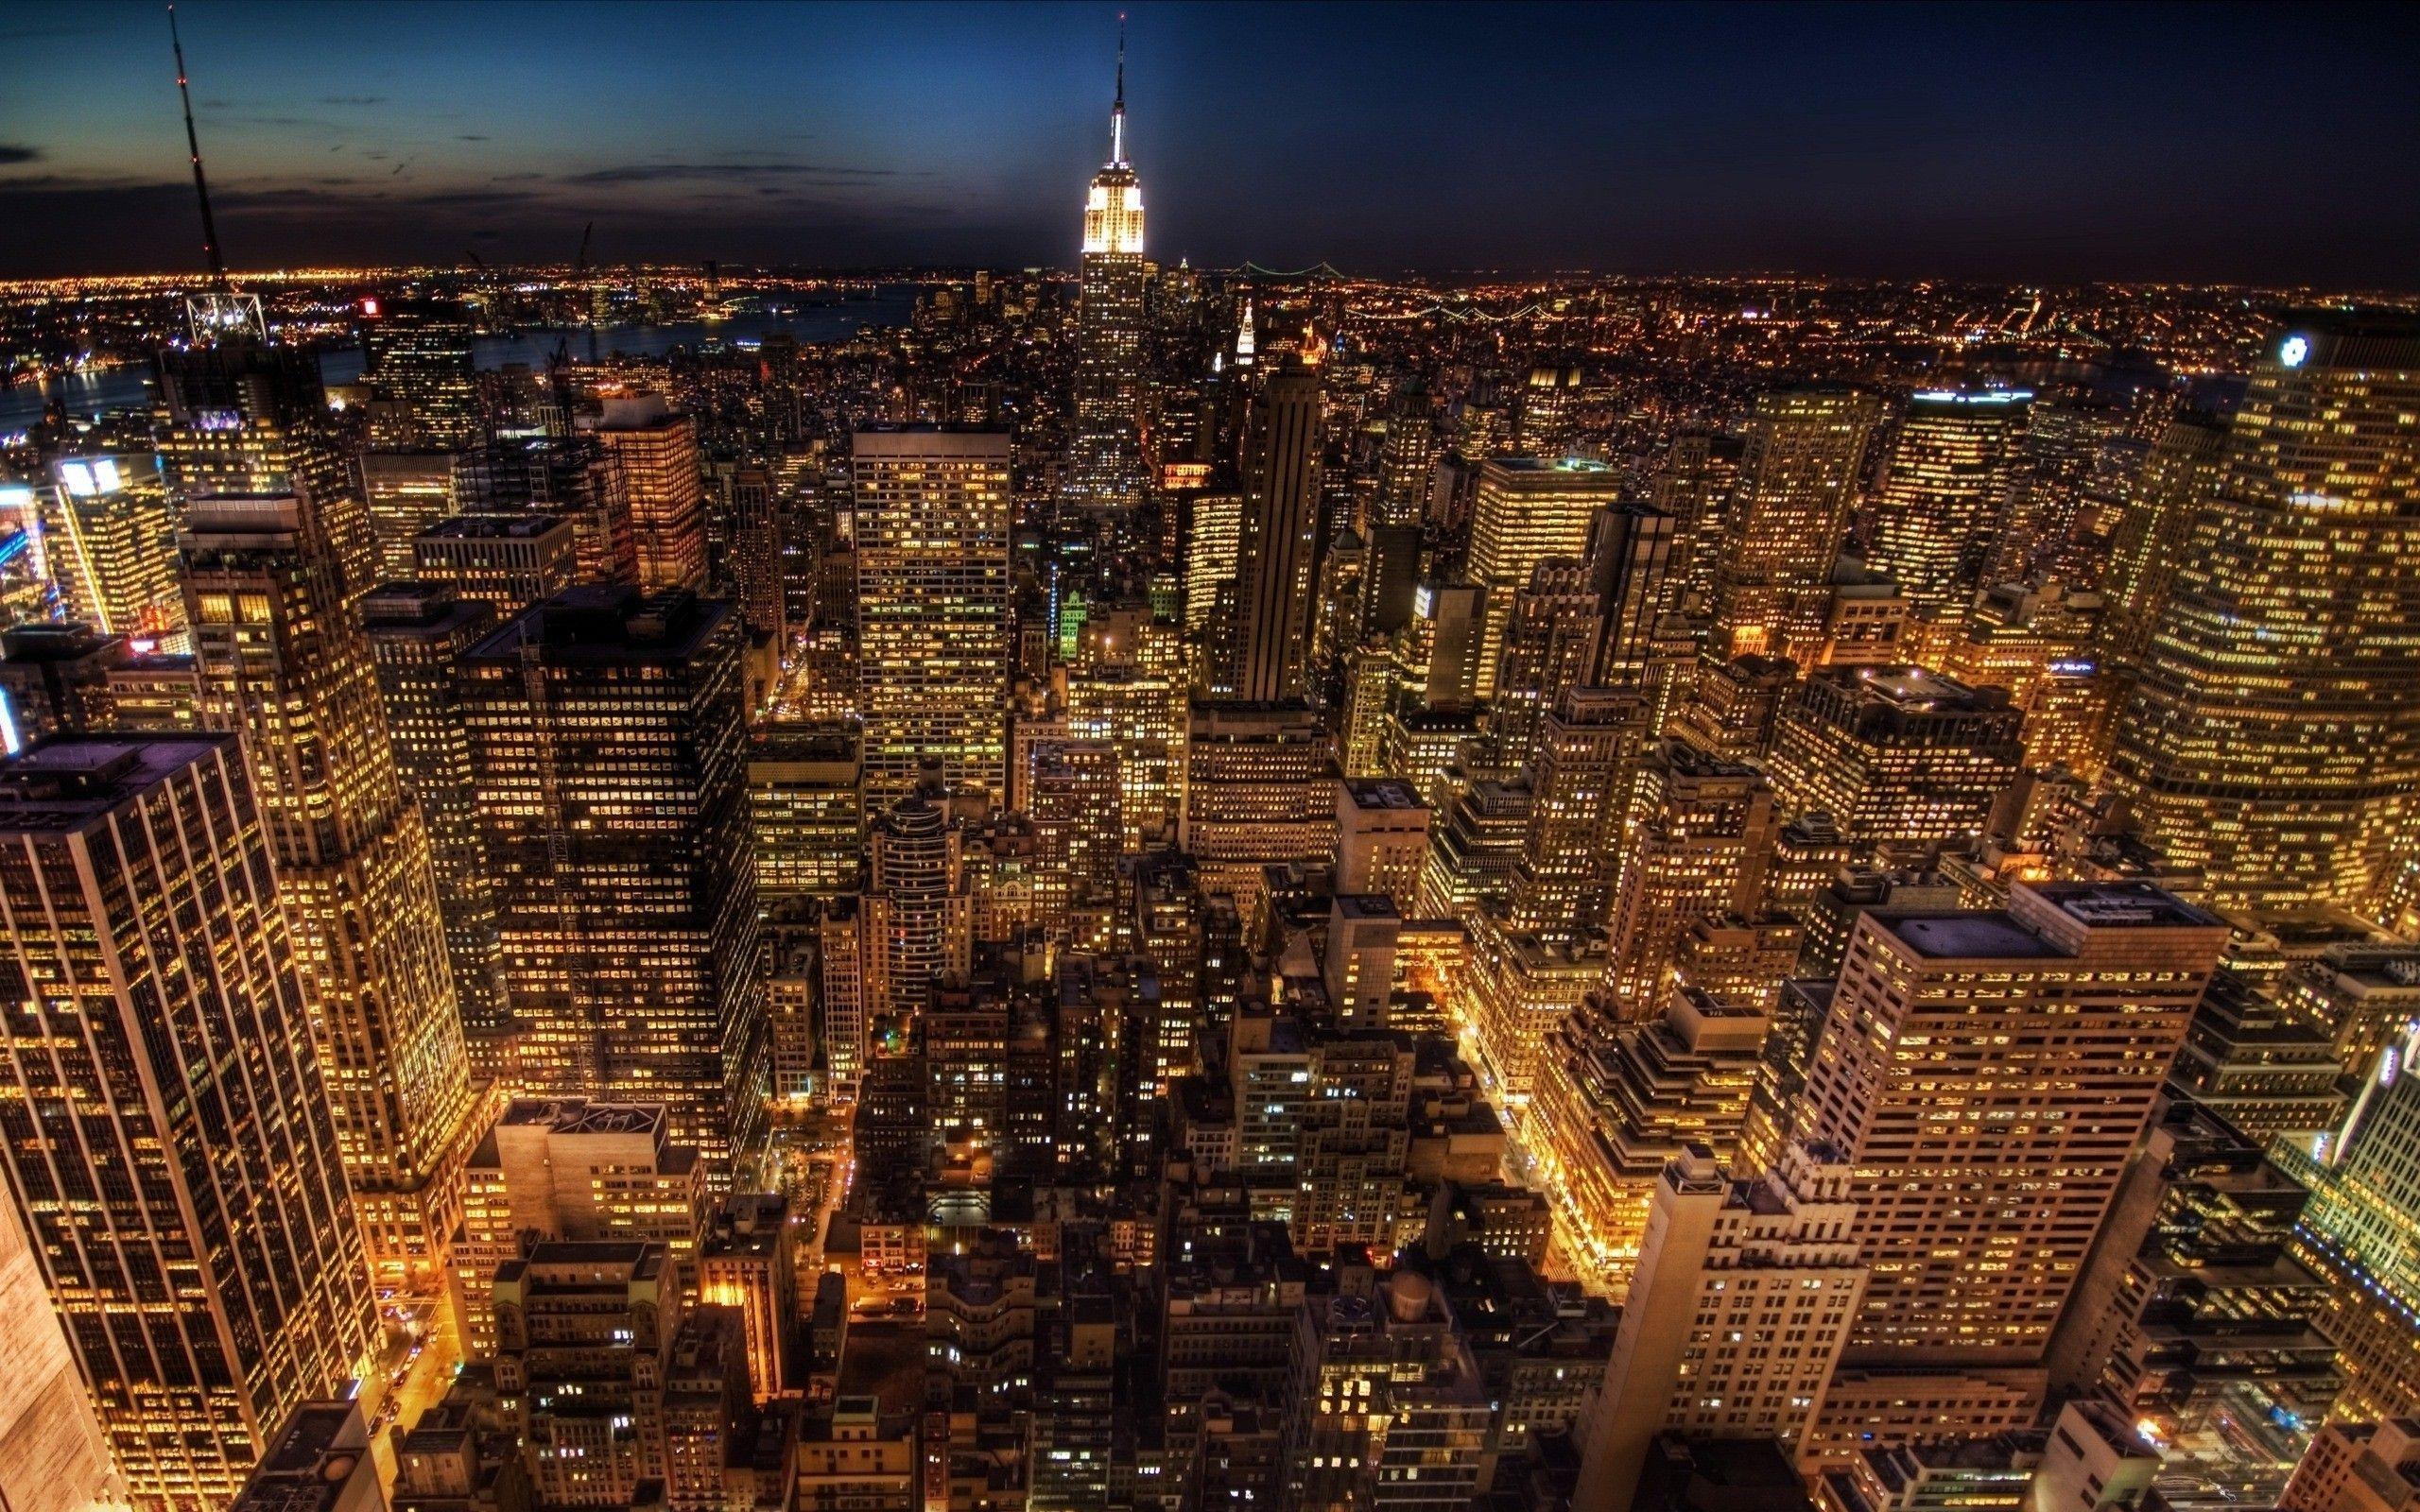 NYC at Night Wallpaper ·①